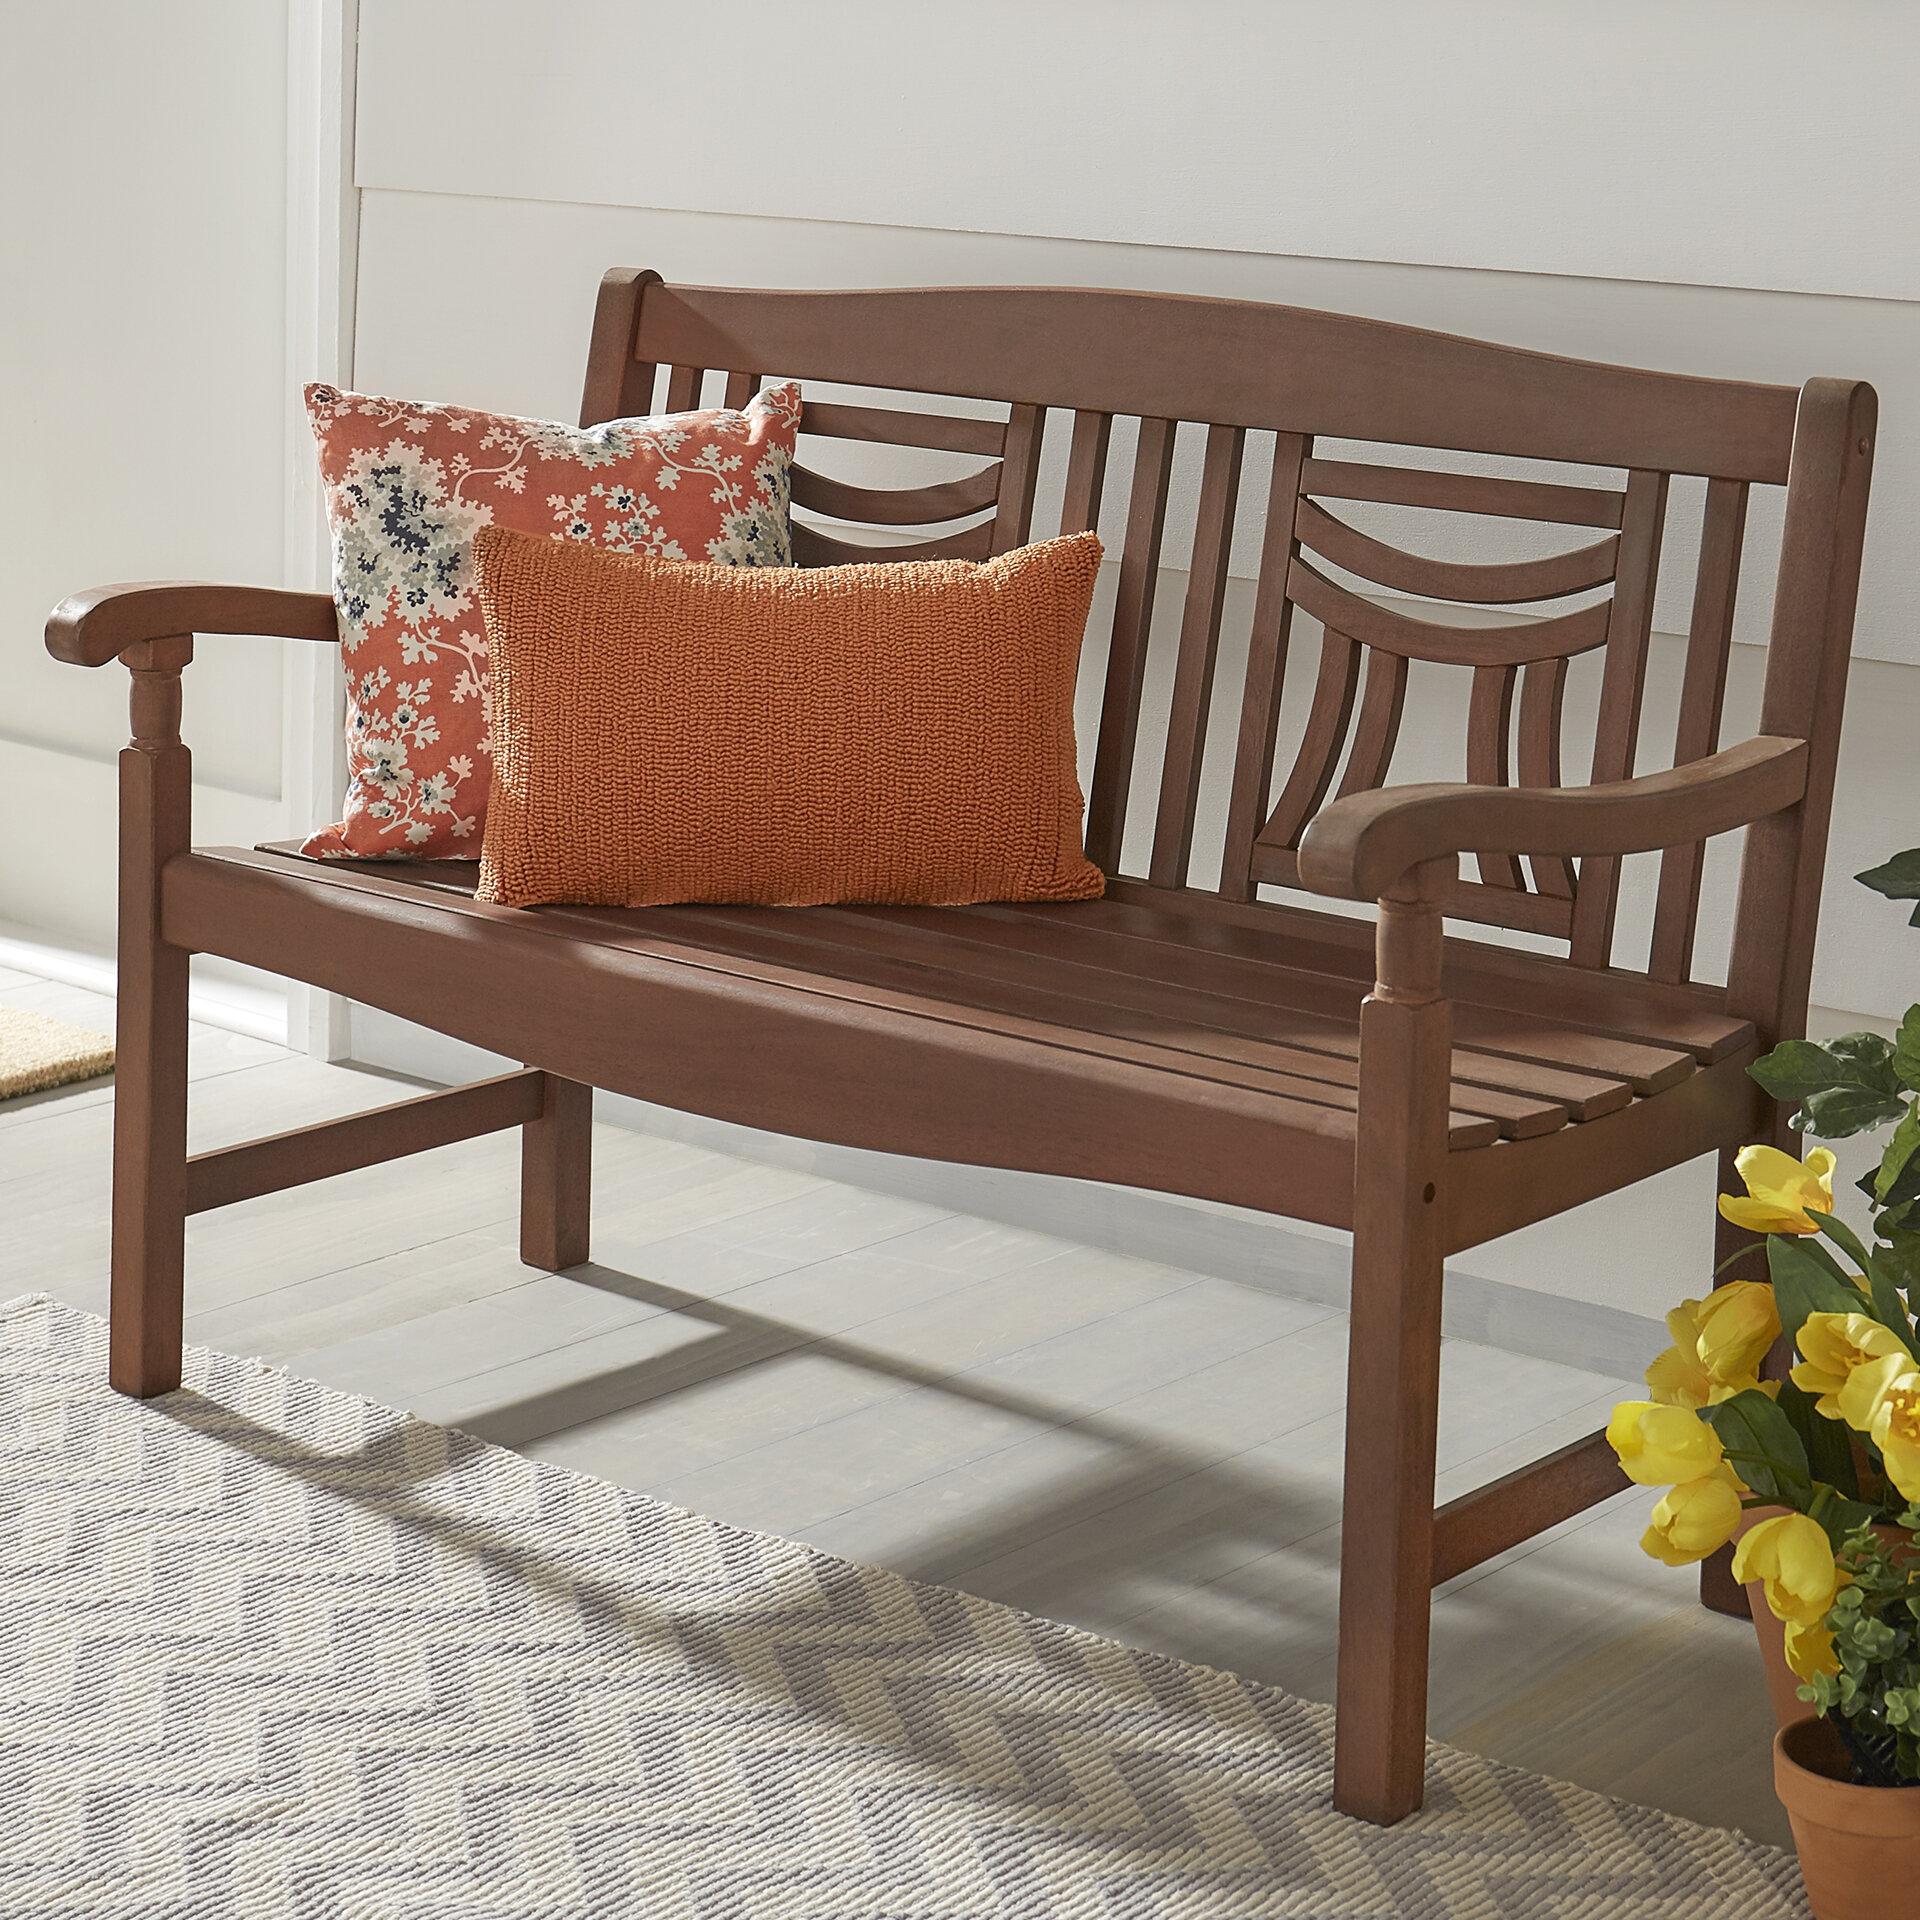 Three Posts Brook Hollow Wooden Garden Bench & Reviews   Wayfair